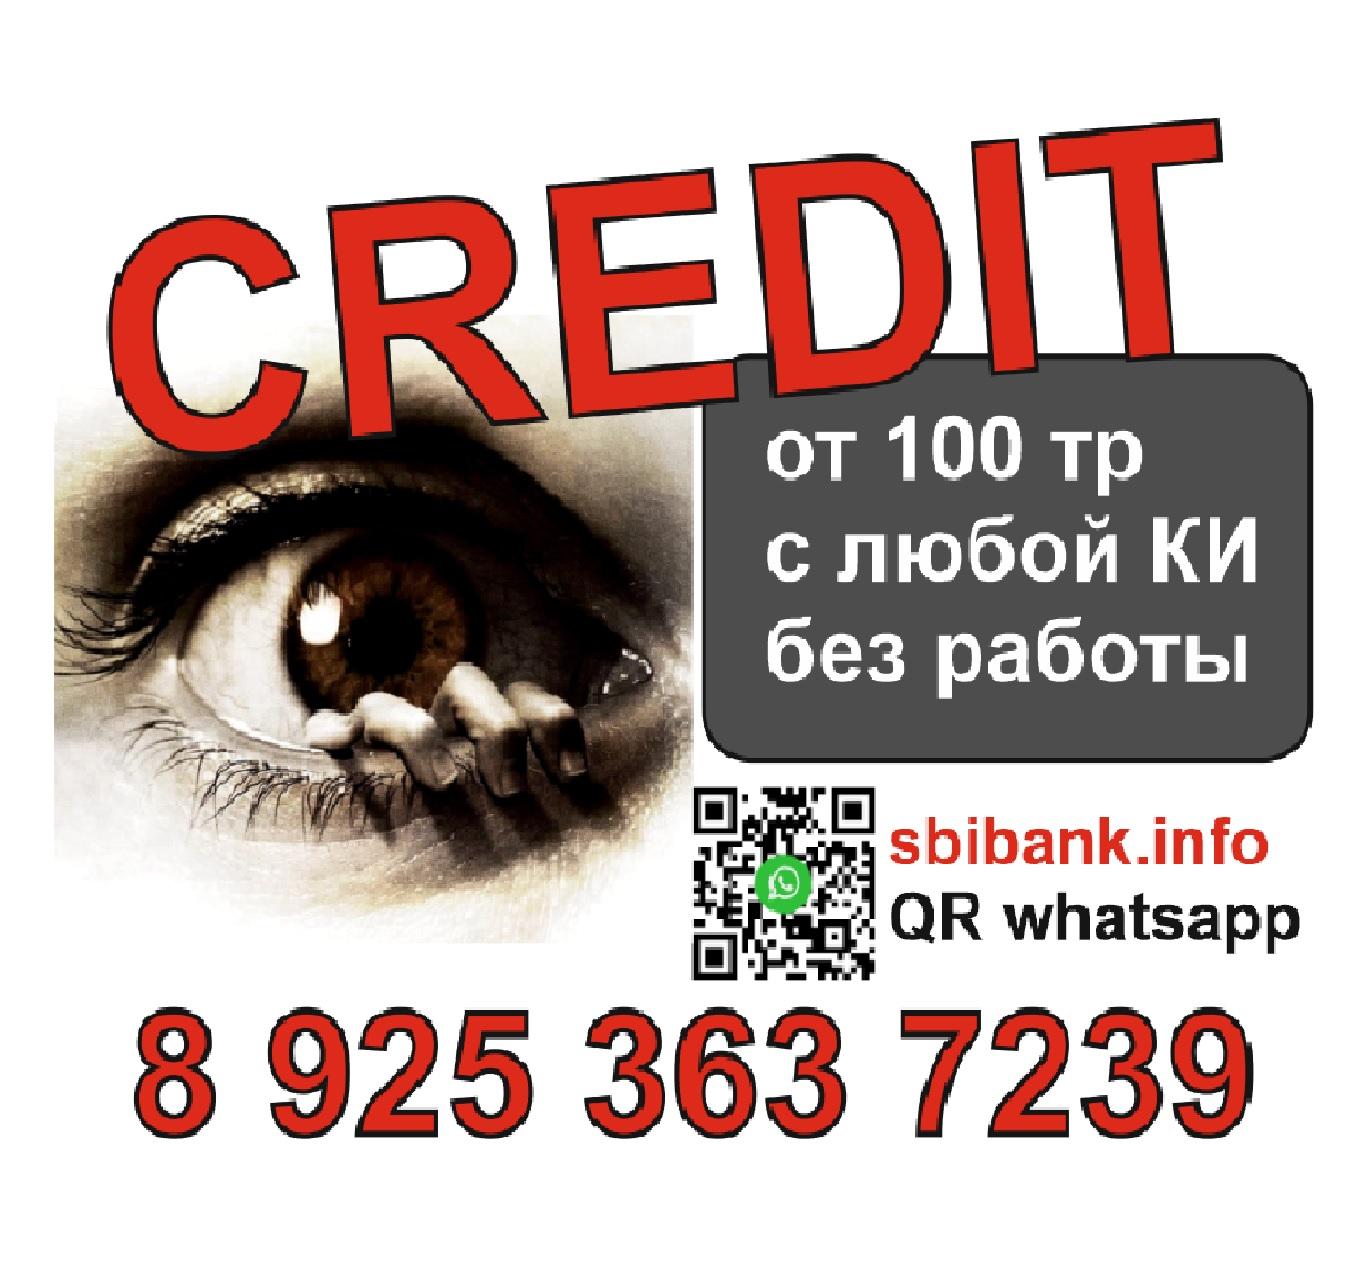 Стремитесь  закрыть  свои  долги и платить в один банк